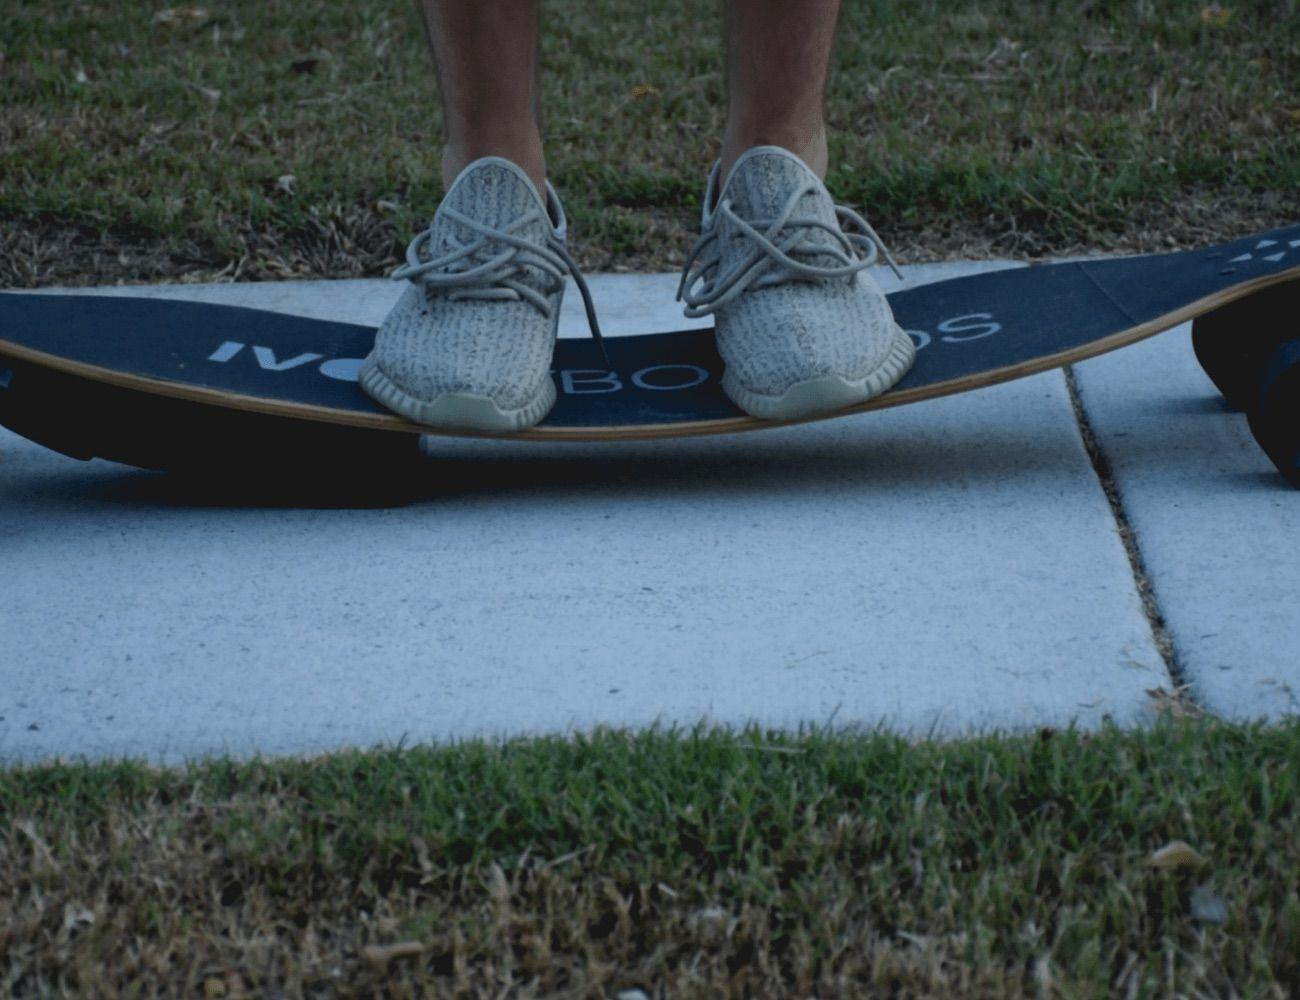 IvoryBoards Affordable Electric Skateboards